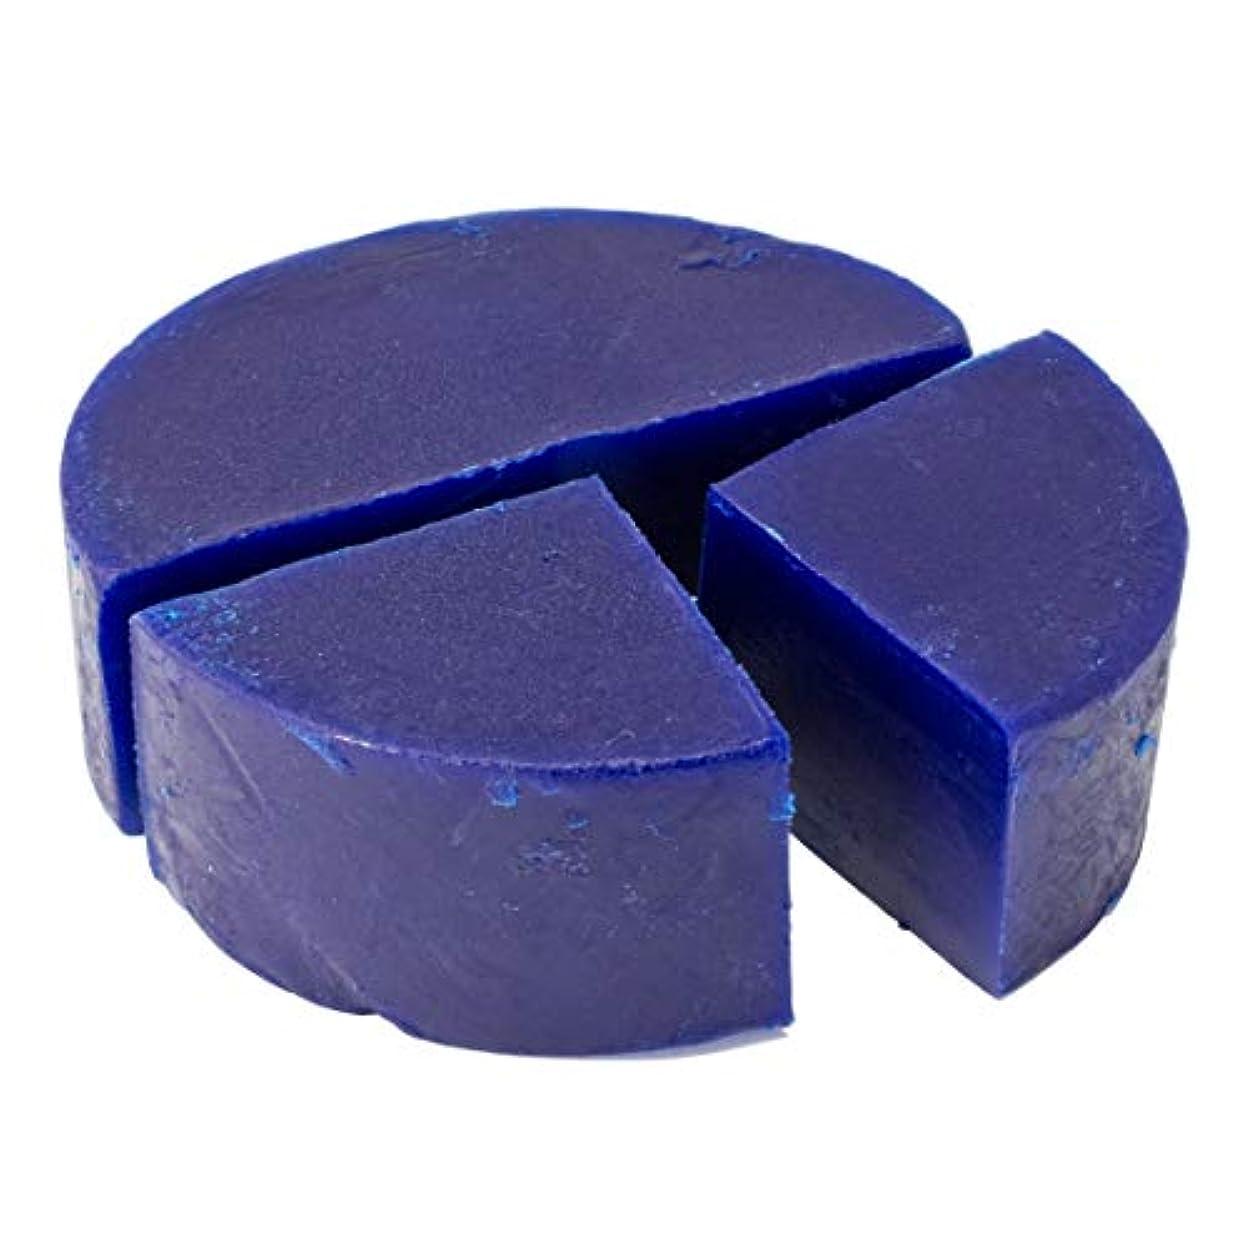 ぎこちない文化迫害するグリセリン クリアソープ 色チップ 青 100g (MPソープ)